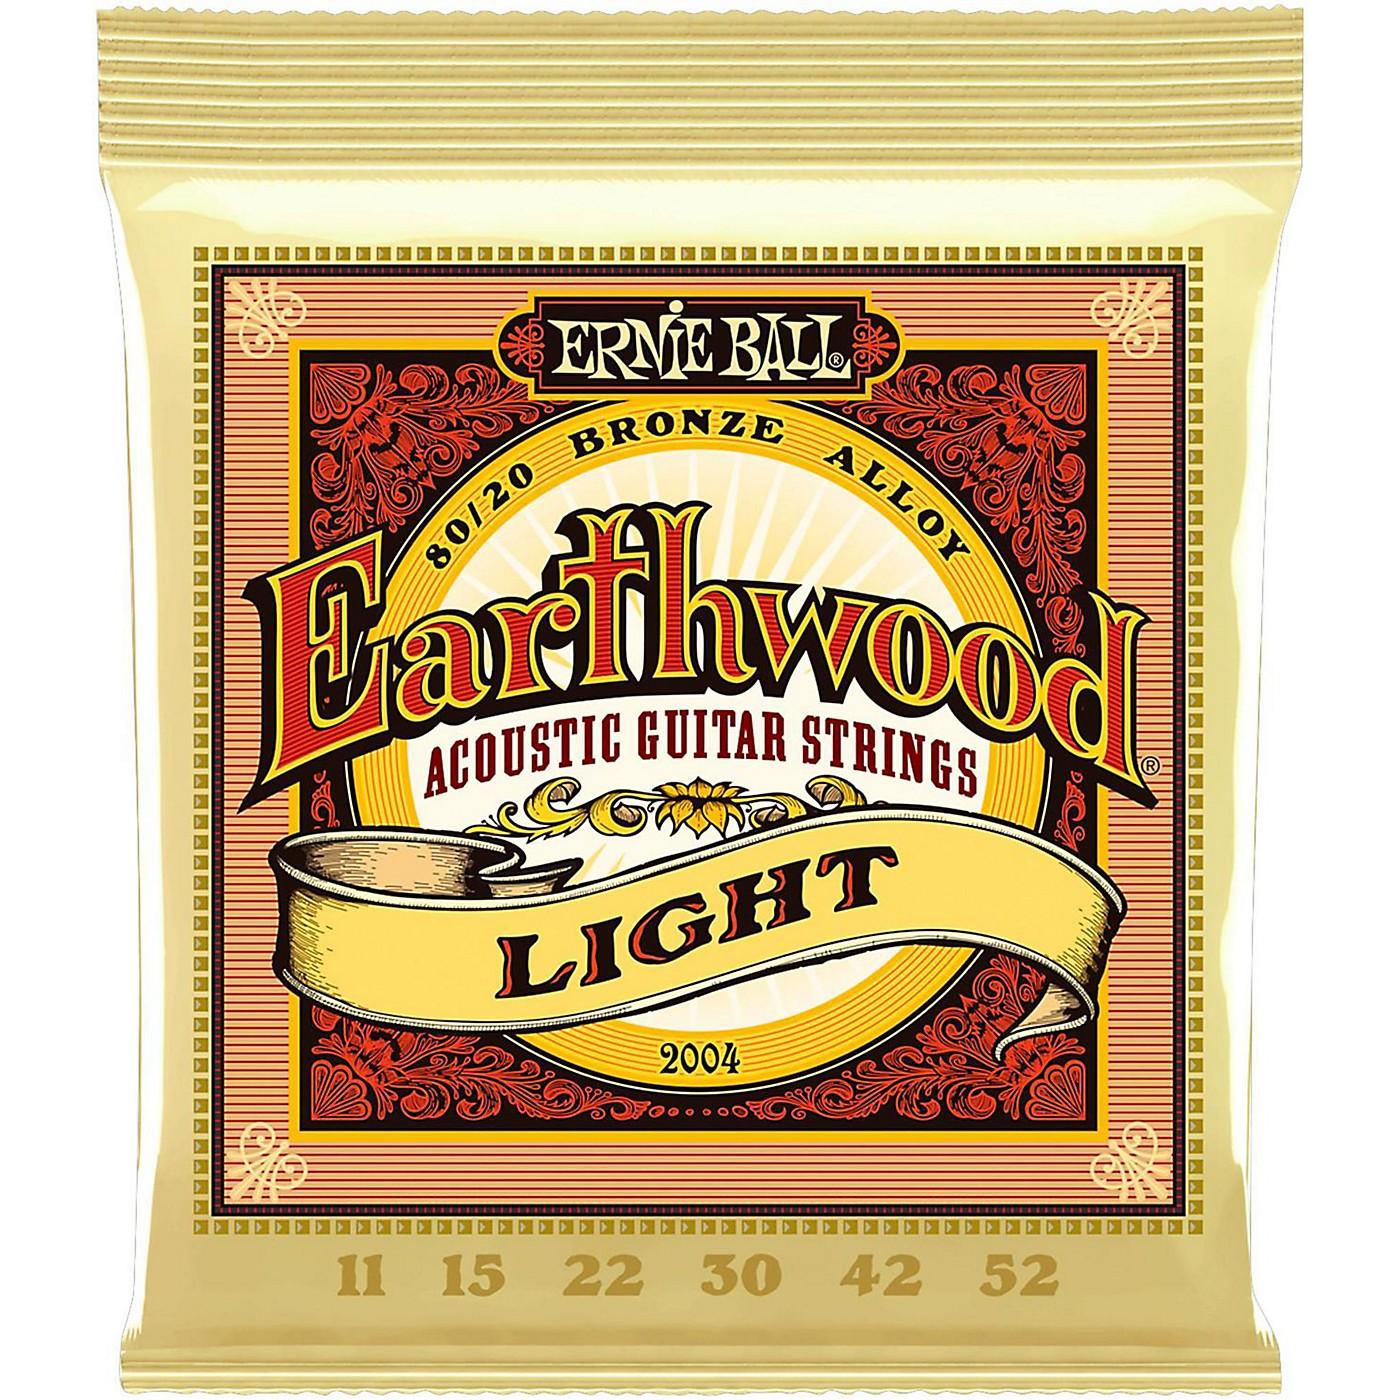 Ernie Ball 2004 Earthwood 80/20 Bronze Light Acoustic Guitar Strings thumbnail